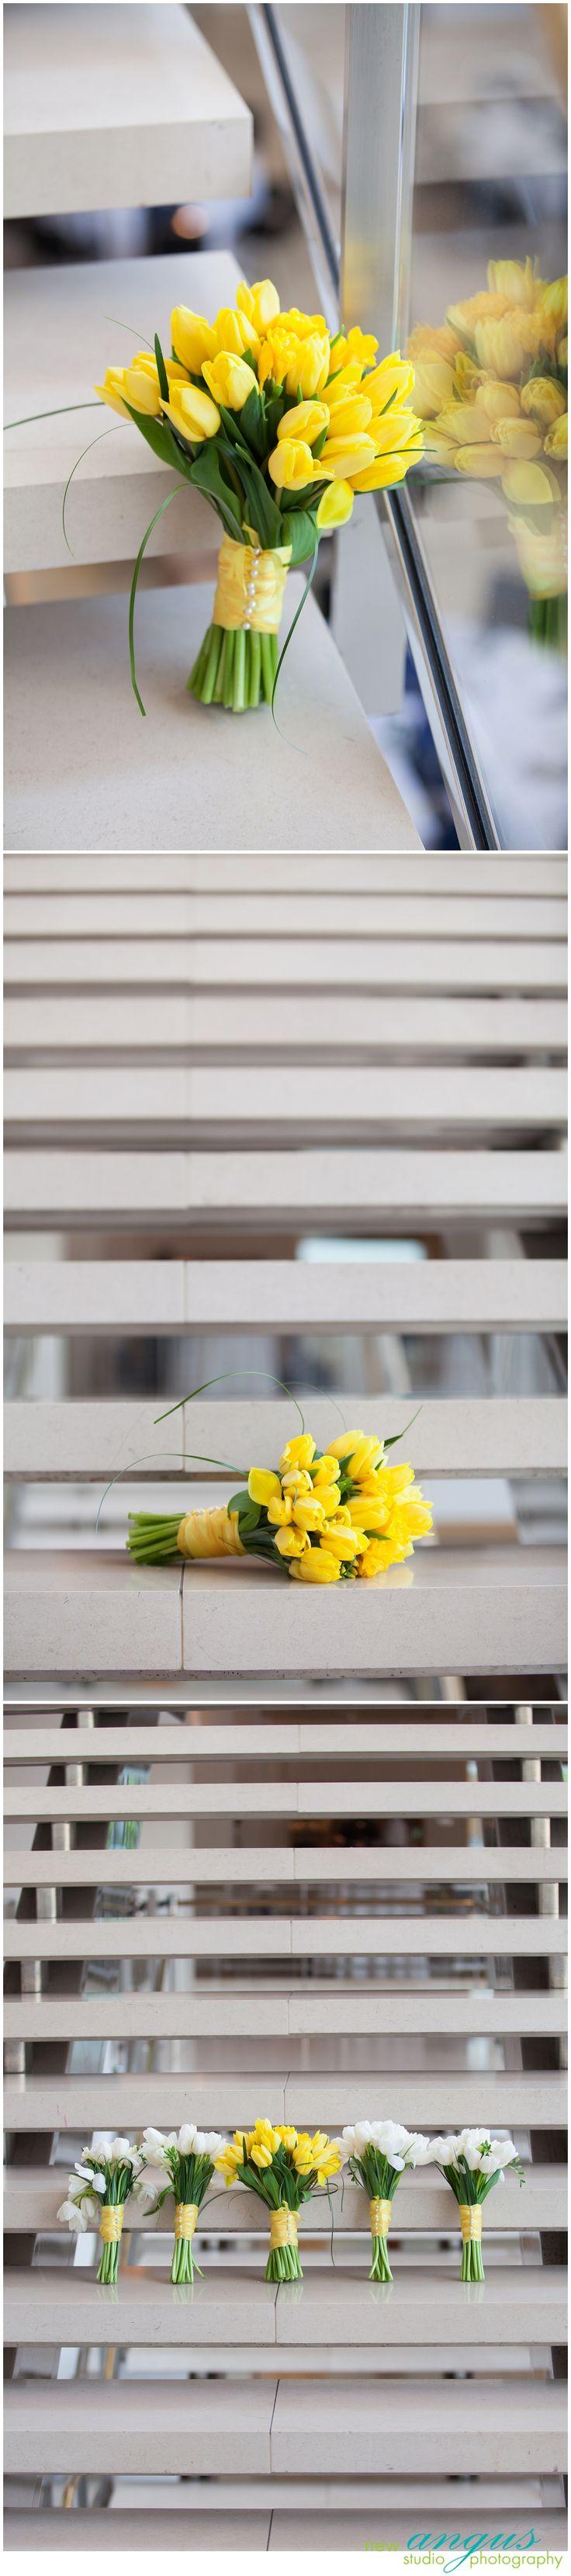 Bouquet de tulipas amarelas.